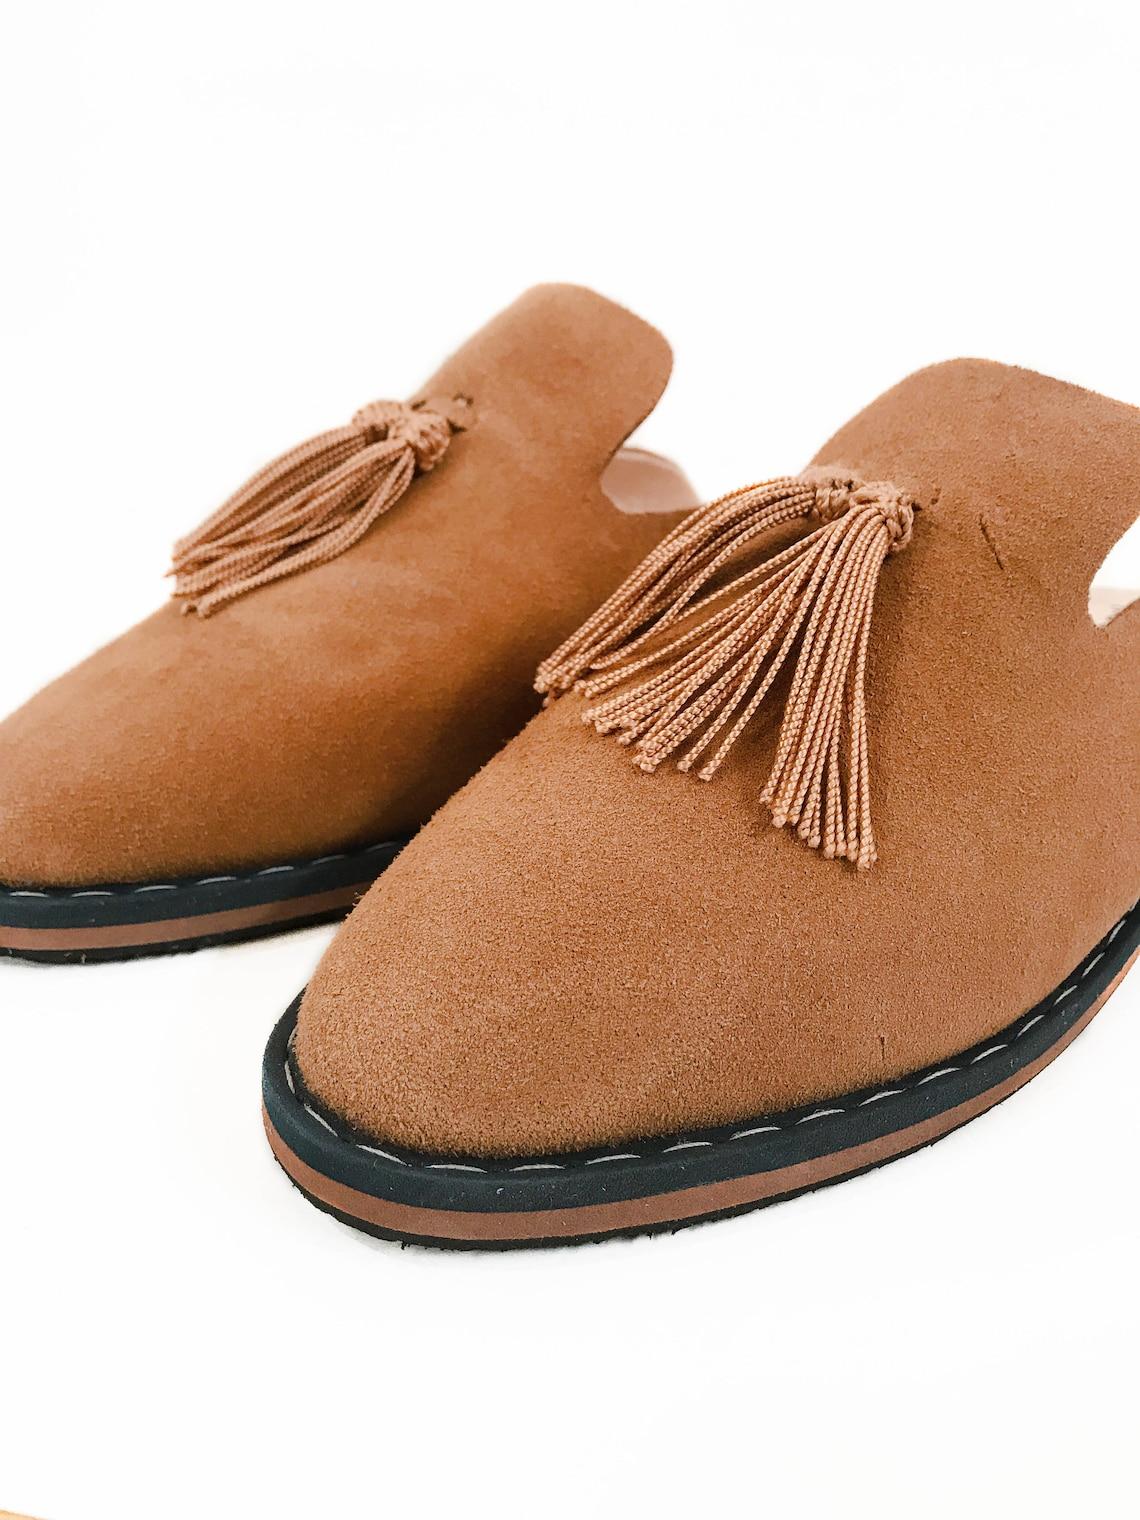 Kechart - Moroccan Modern leather Slippers For Women, Handmade Sabot, Sheepskin Slippers, Women Leather Slippers, Dan Sabot, Sabot for Woman